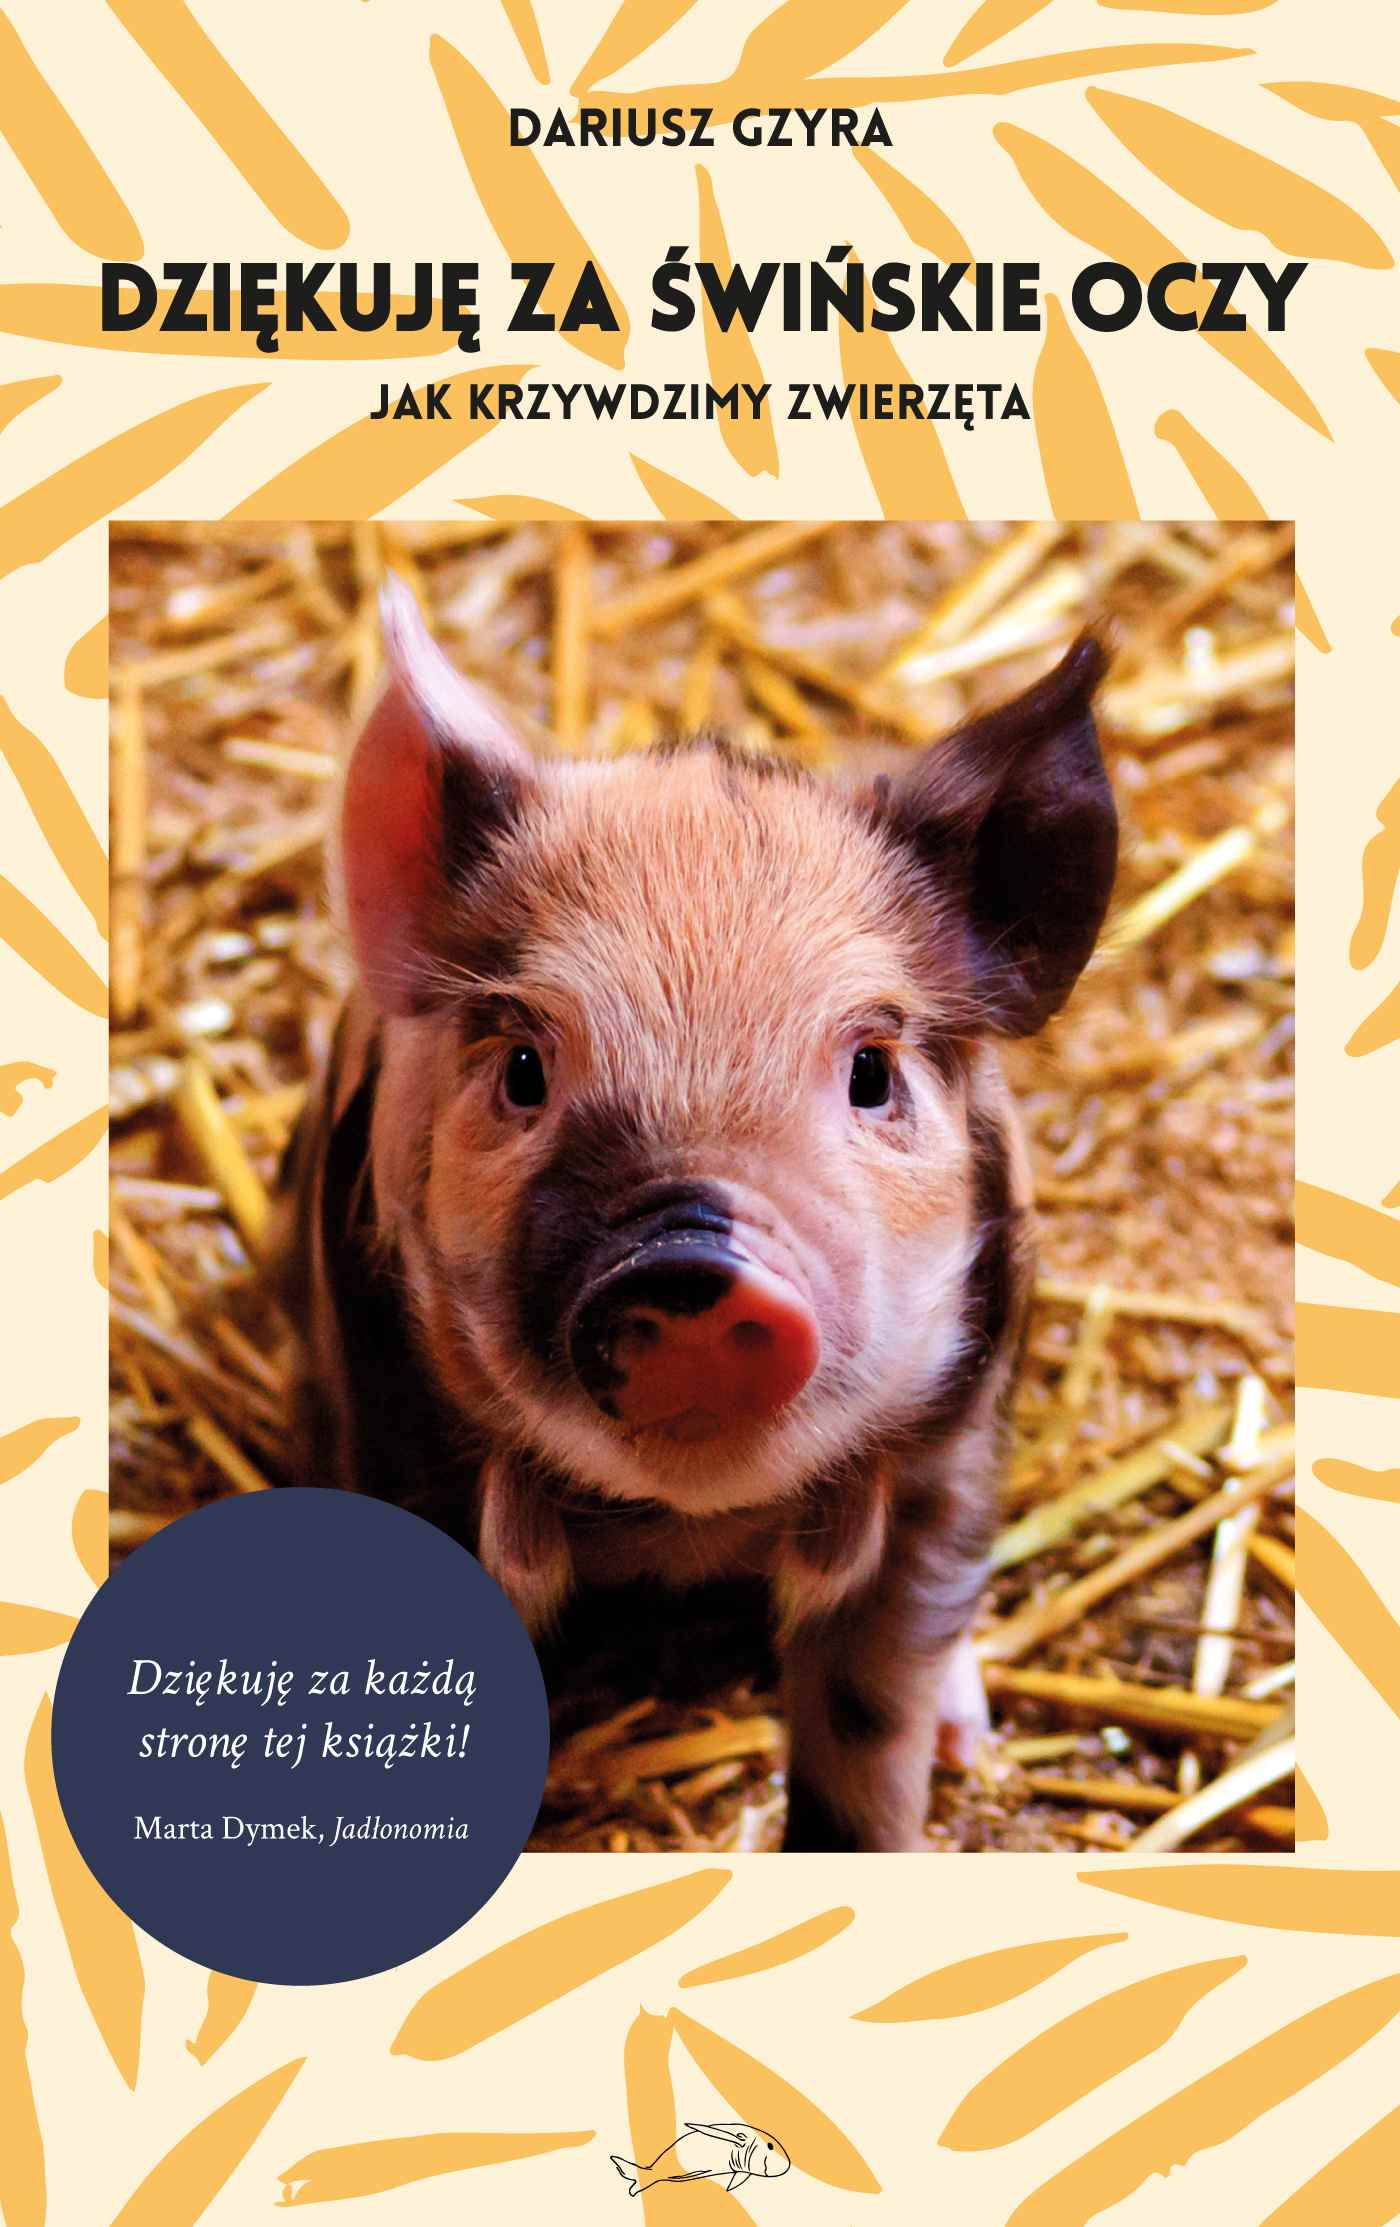 Dziękuję za świńskie oczy. Jak krzywdzimy zwierzęta - Ebook (Książka na Kindle) do pobrania w formacie MOBI